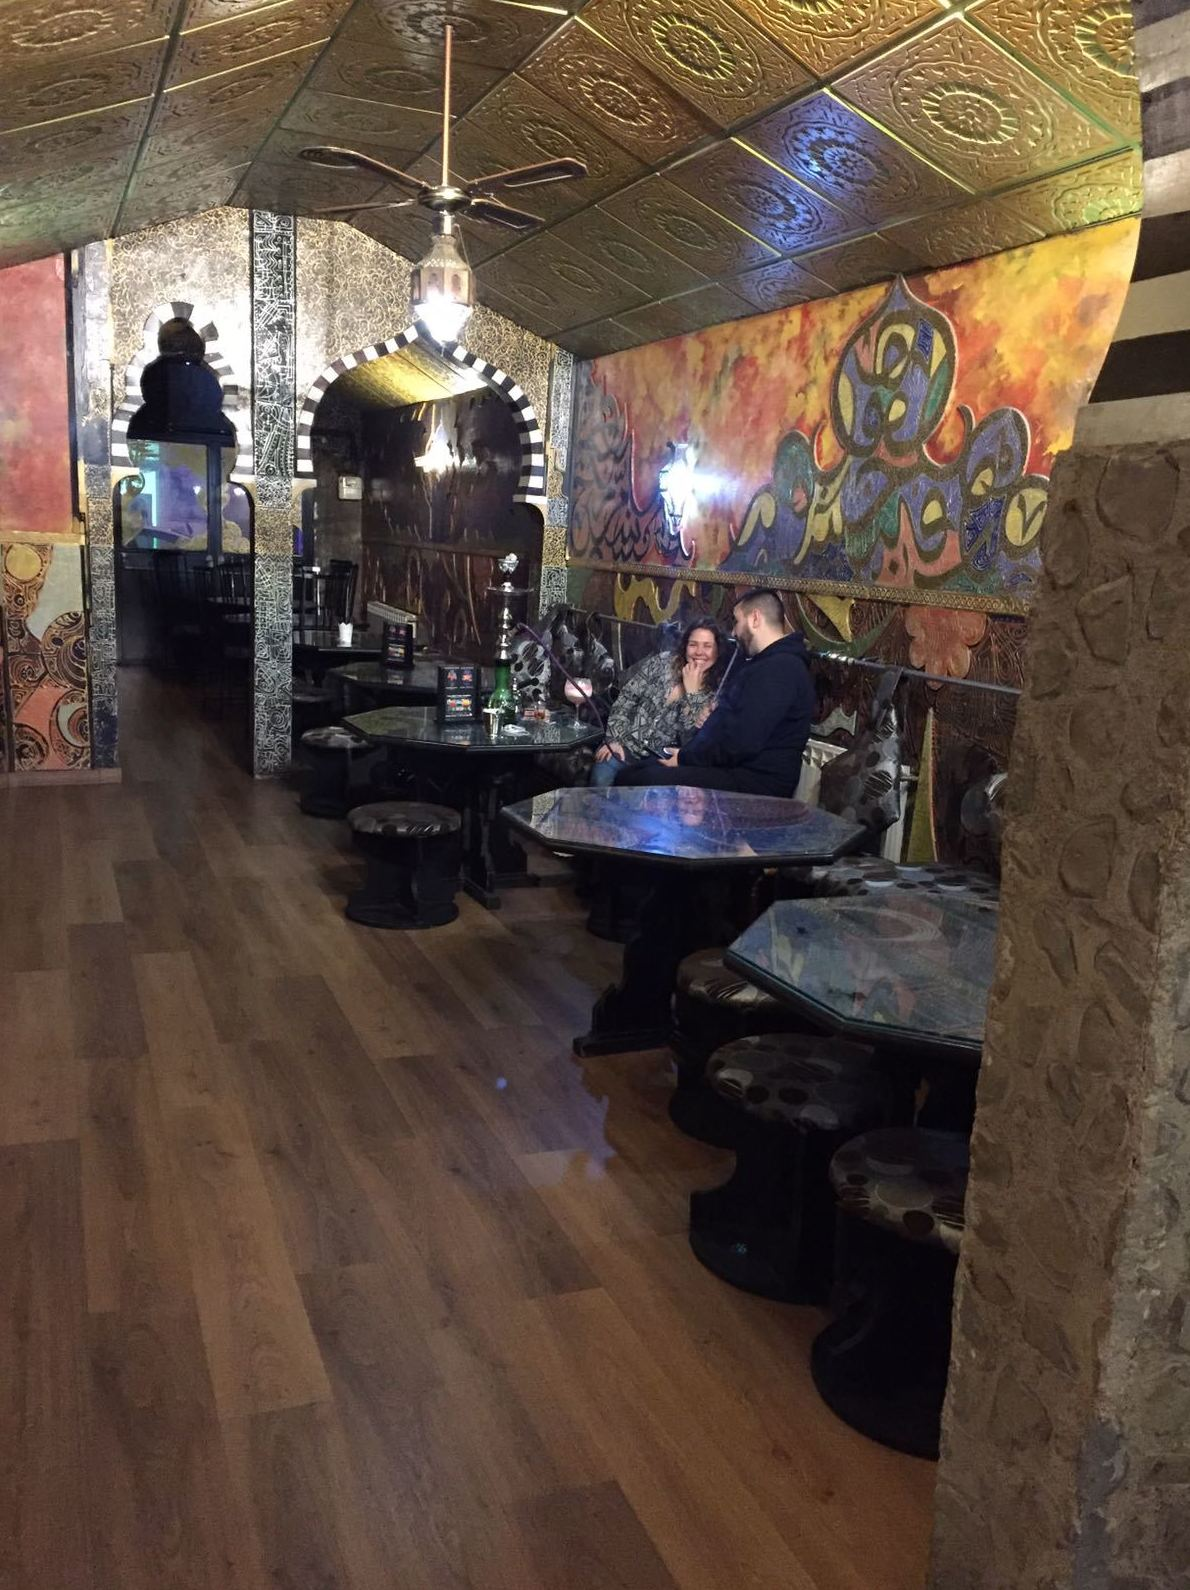 Foto 3 de Cocina árabe en Madrid | Las Mil y una Noches